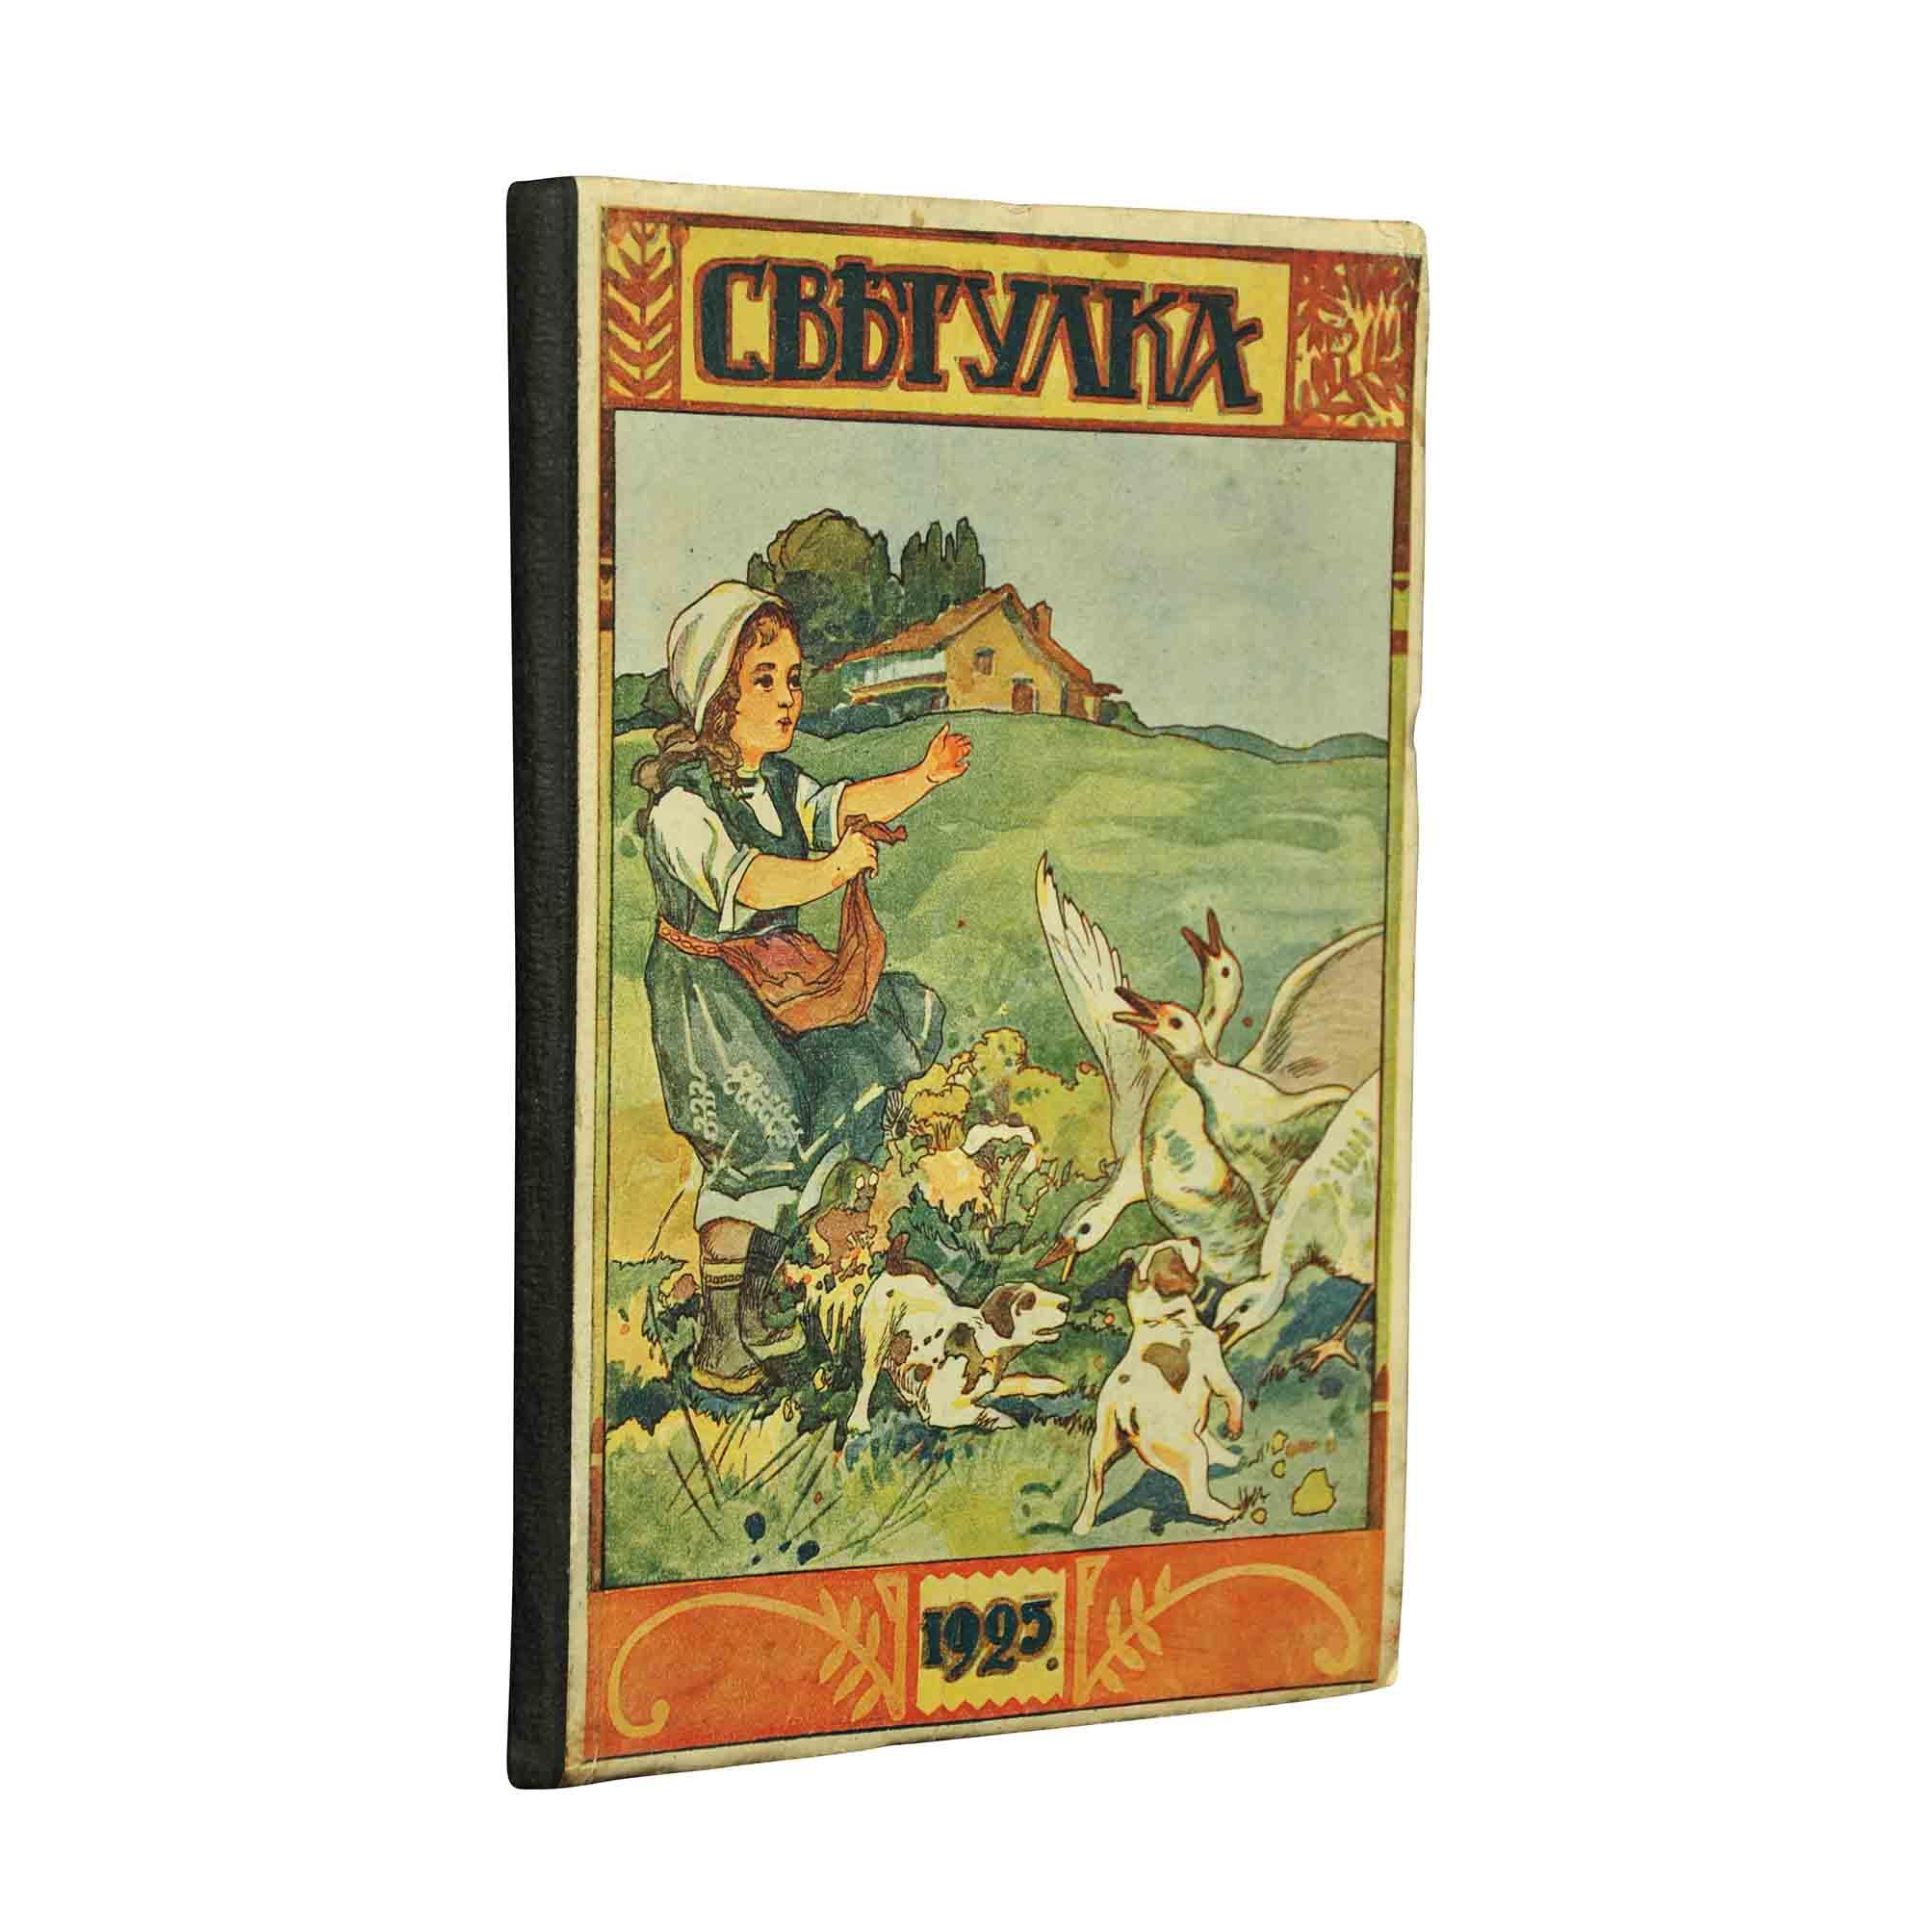 1268-SVETULKA-Bulgarian-Children-Magazine-1925-Cover-free-N.jpg